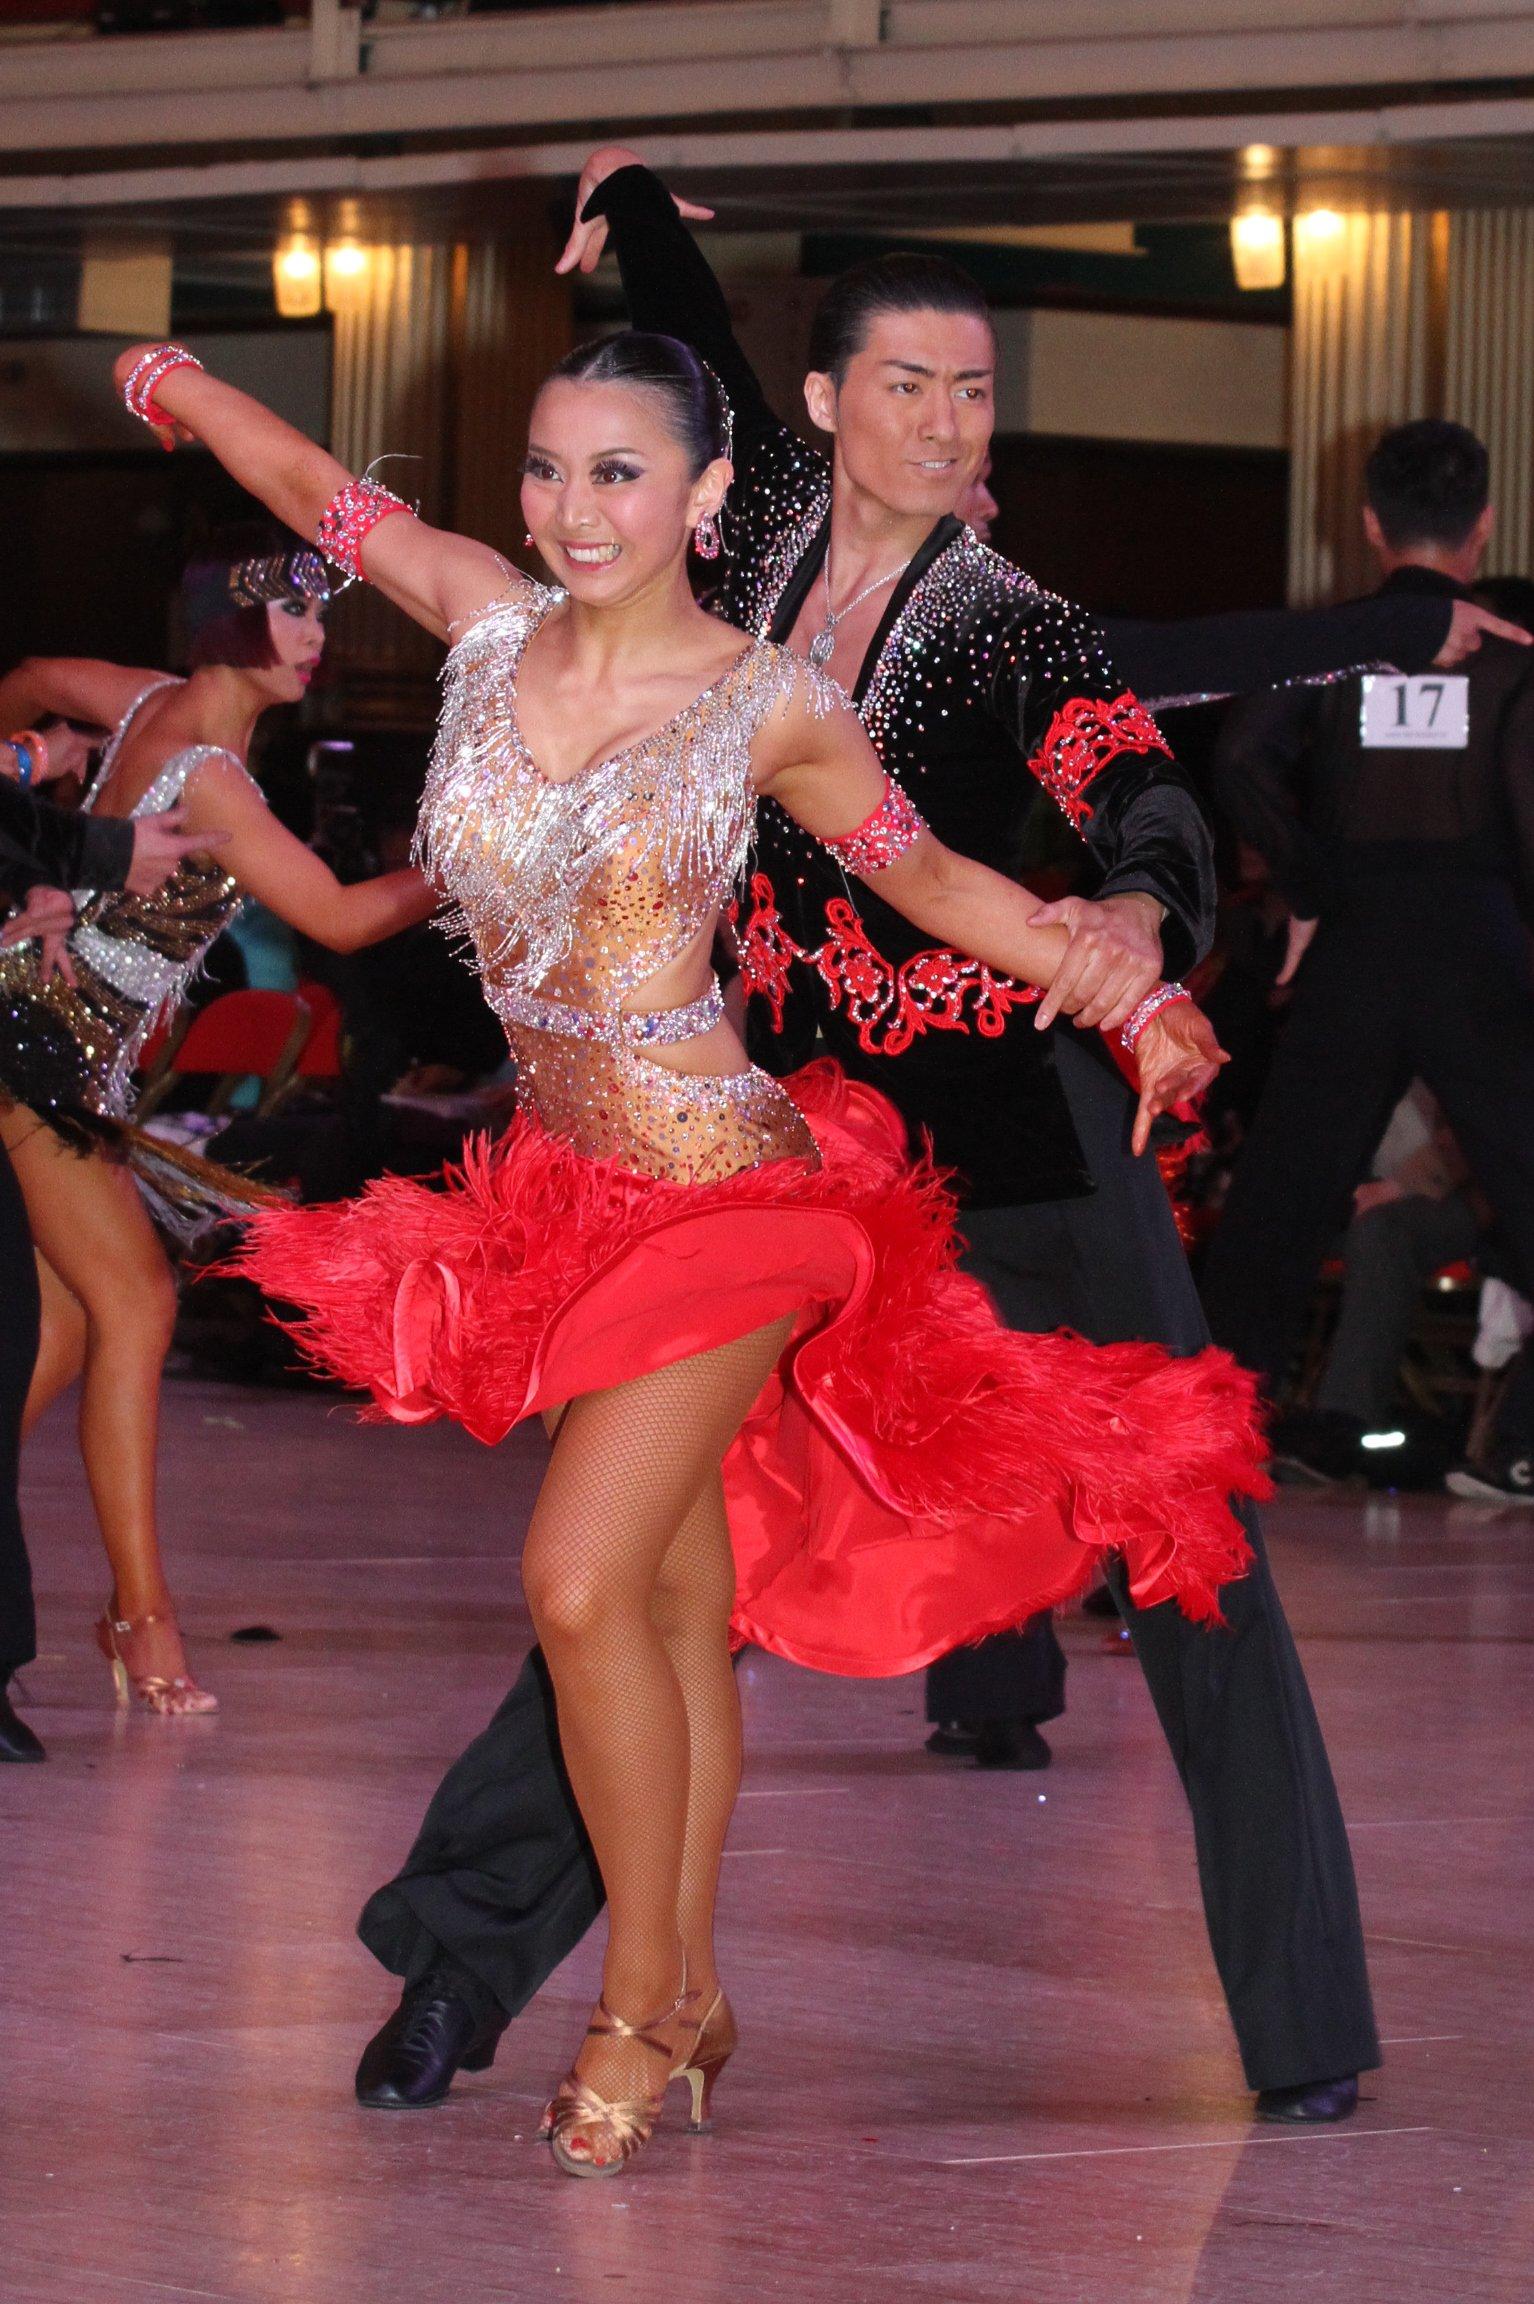 【ハプニング具】社交ダンスとかいう意外とマンポロが多い競技wwwwwwwwwwwwwwwwww(画像あり)・13枚目